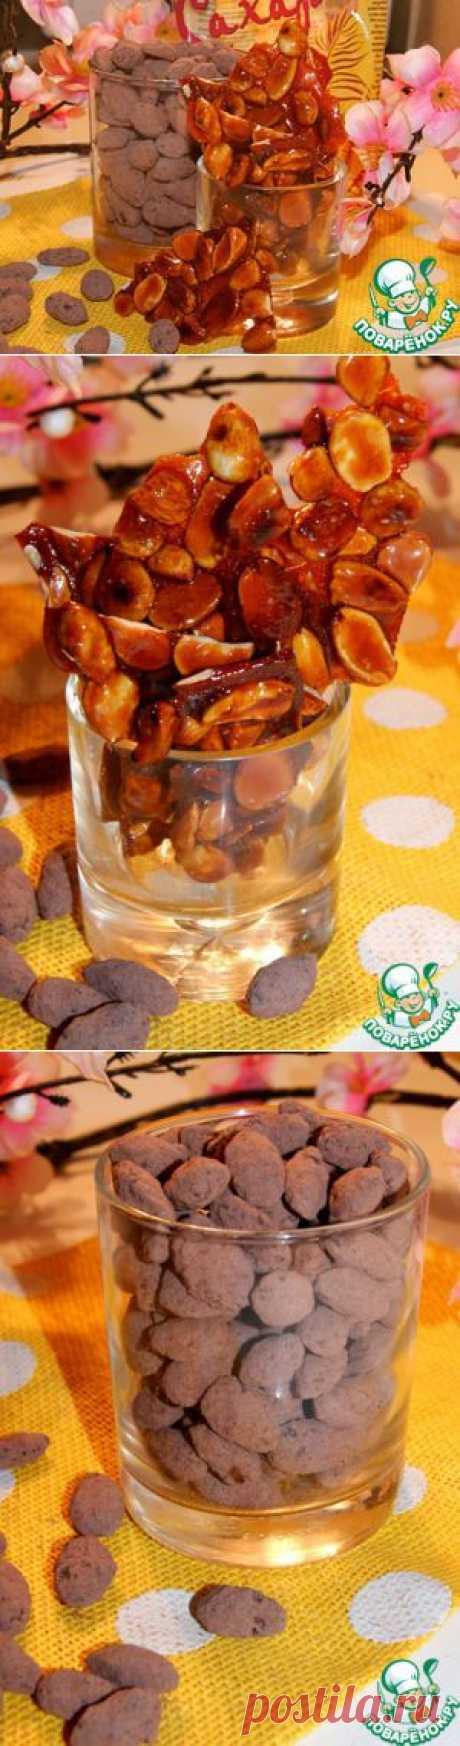 Миндаль в шоколаде и карамели - кулинарный рецепт